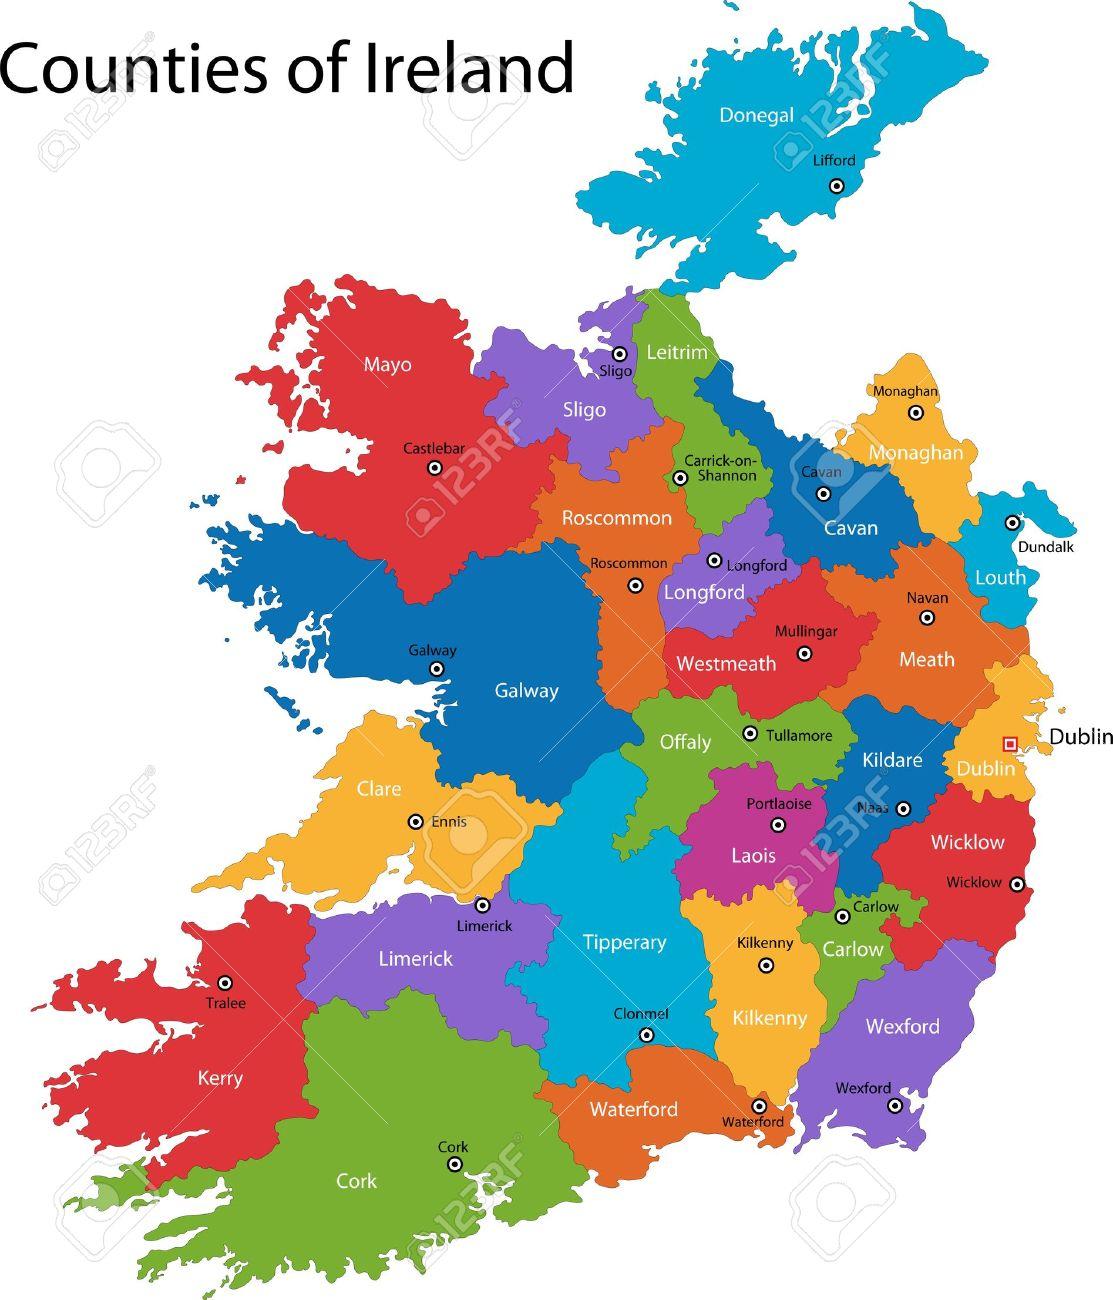 irland regionen karte Bunte Republik Irland Karte Mit Regionen Und Städte Lizenzfrei